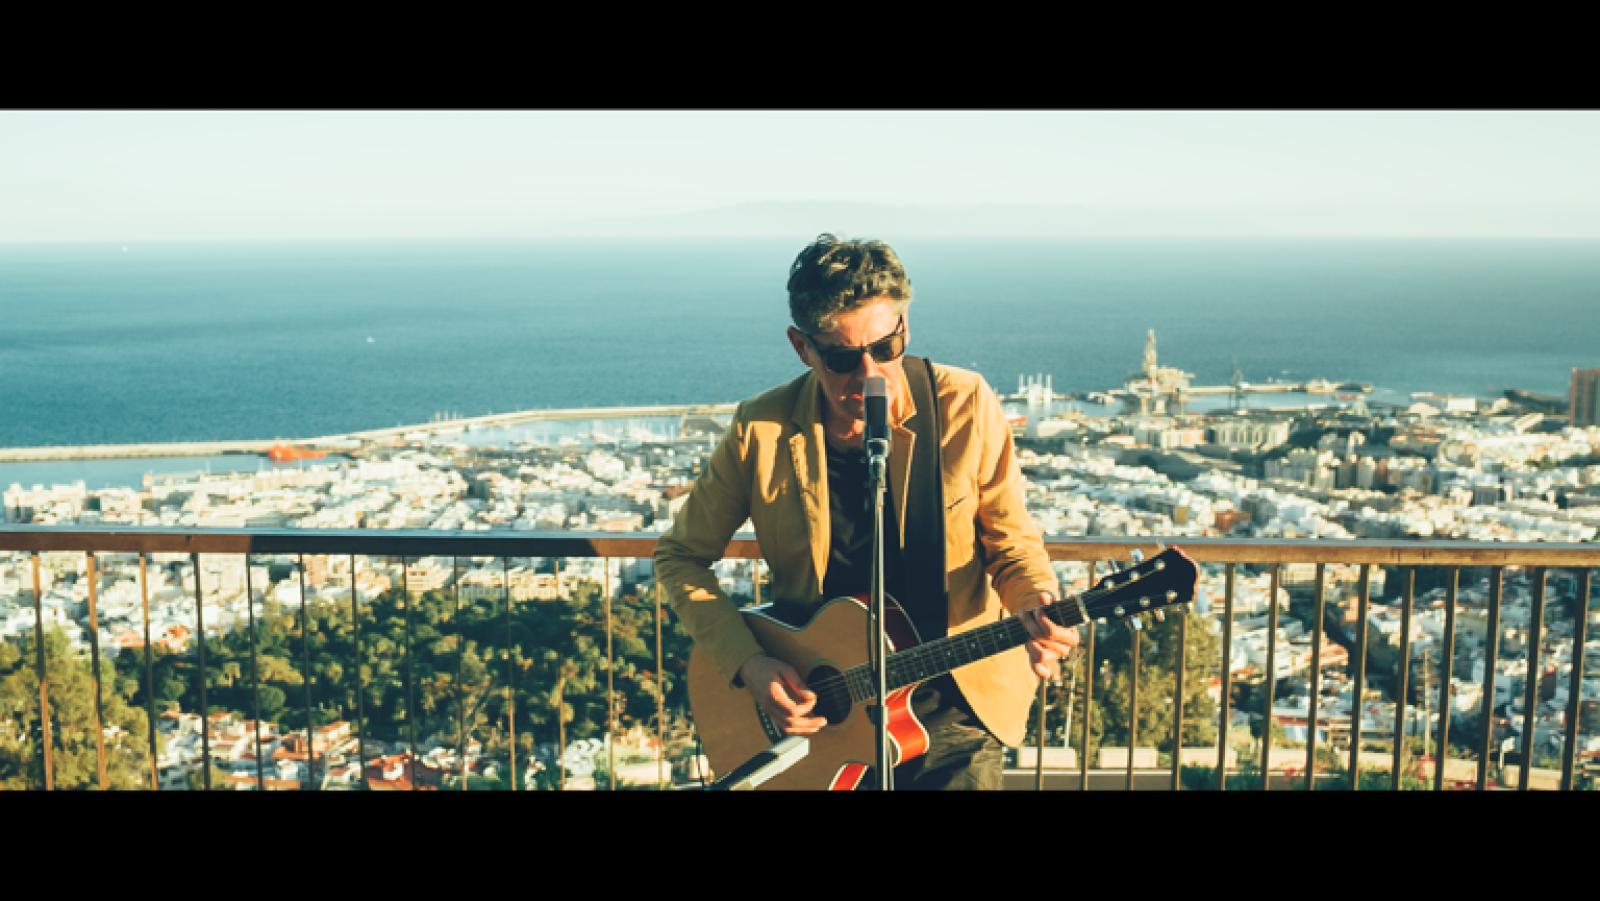 Canarias Suena - Sito Morales 'Sr Don Viento - 16/03/16 - Ver ahora